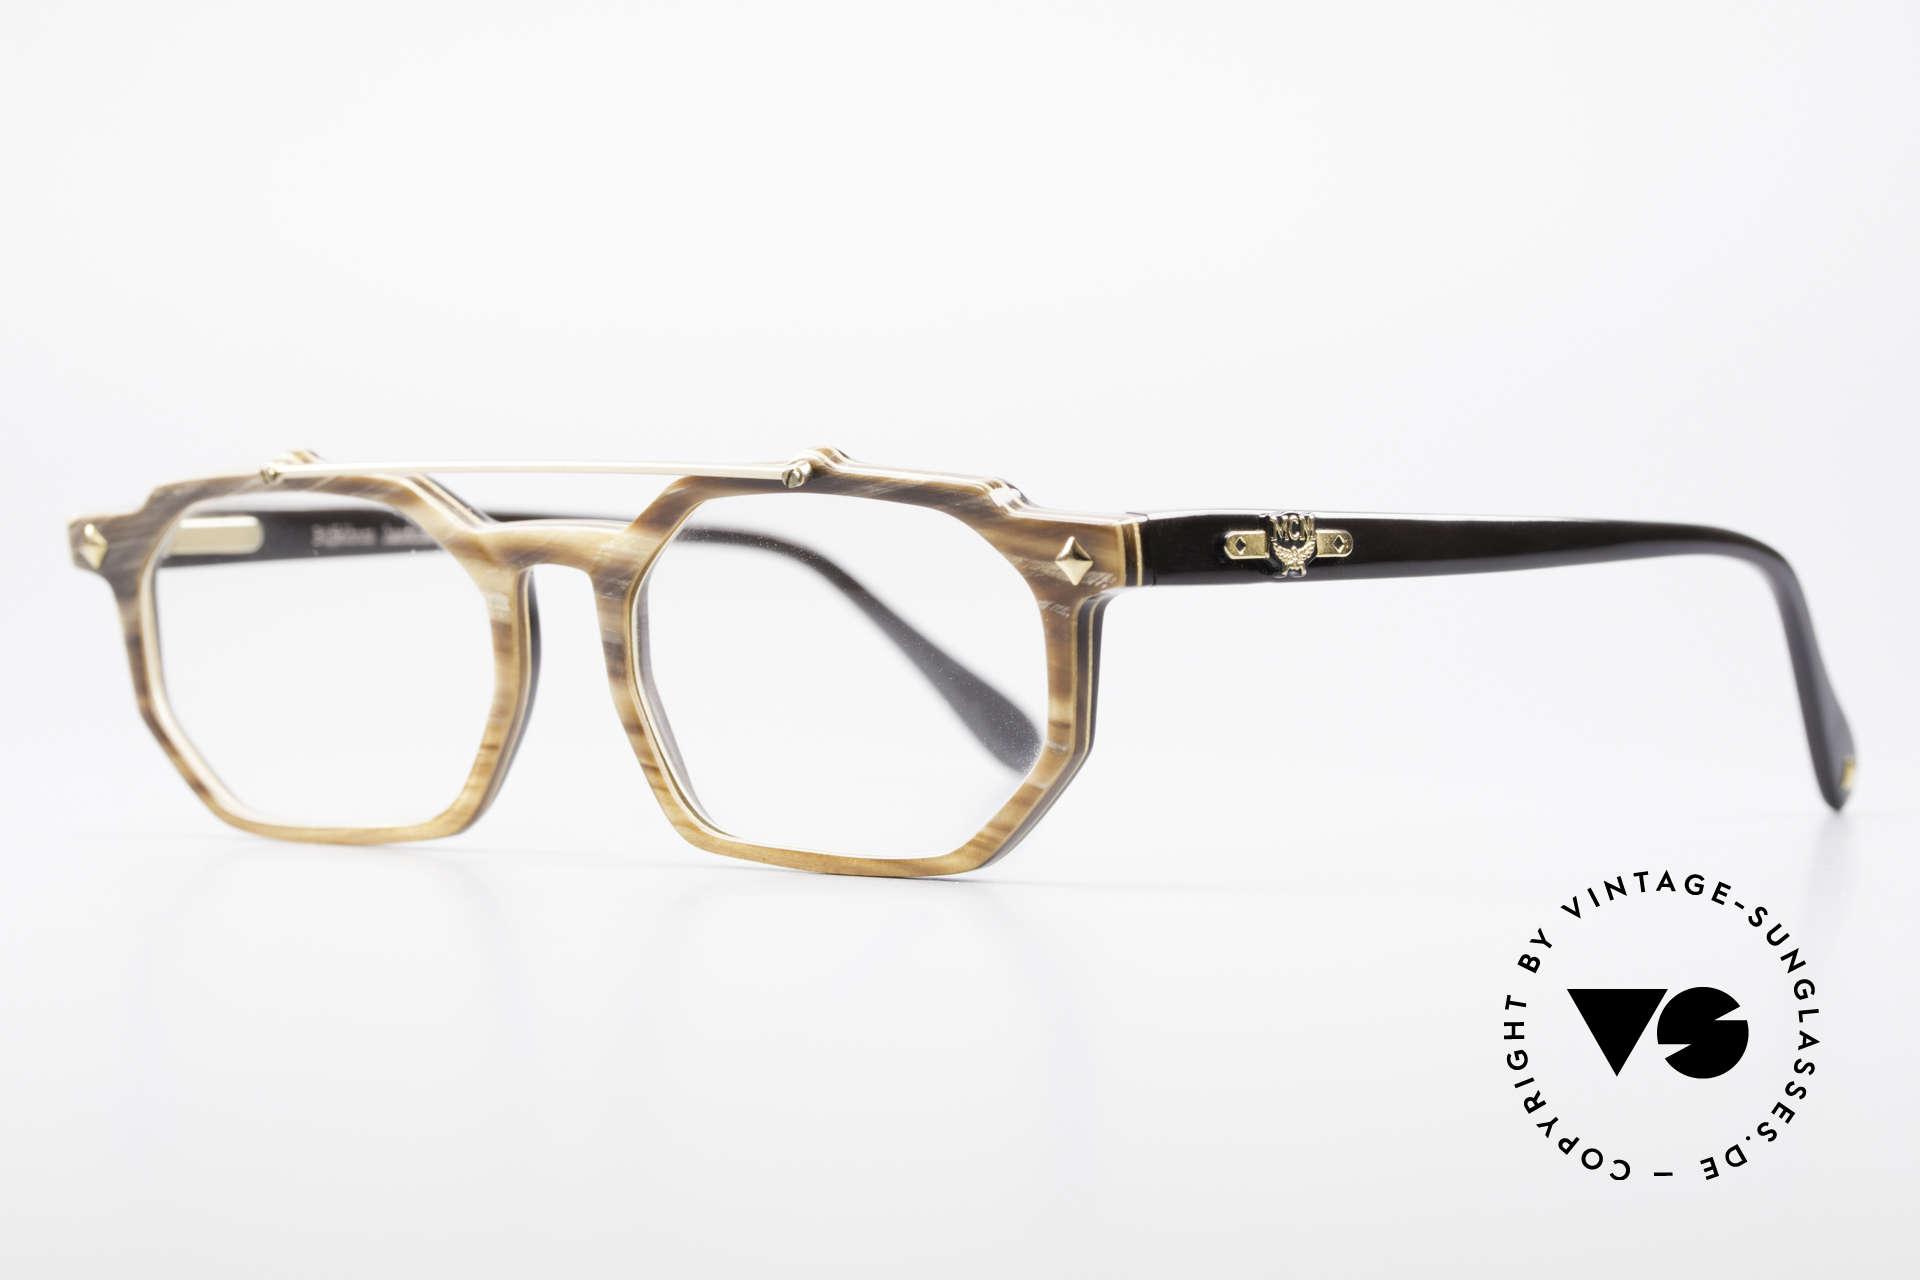 MCM München 301 Büffelhorn Vintage Brille 80er, unverwechselbar Michel Cromer München, MCM, Passend für Herren und Damen